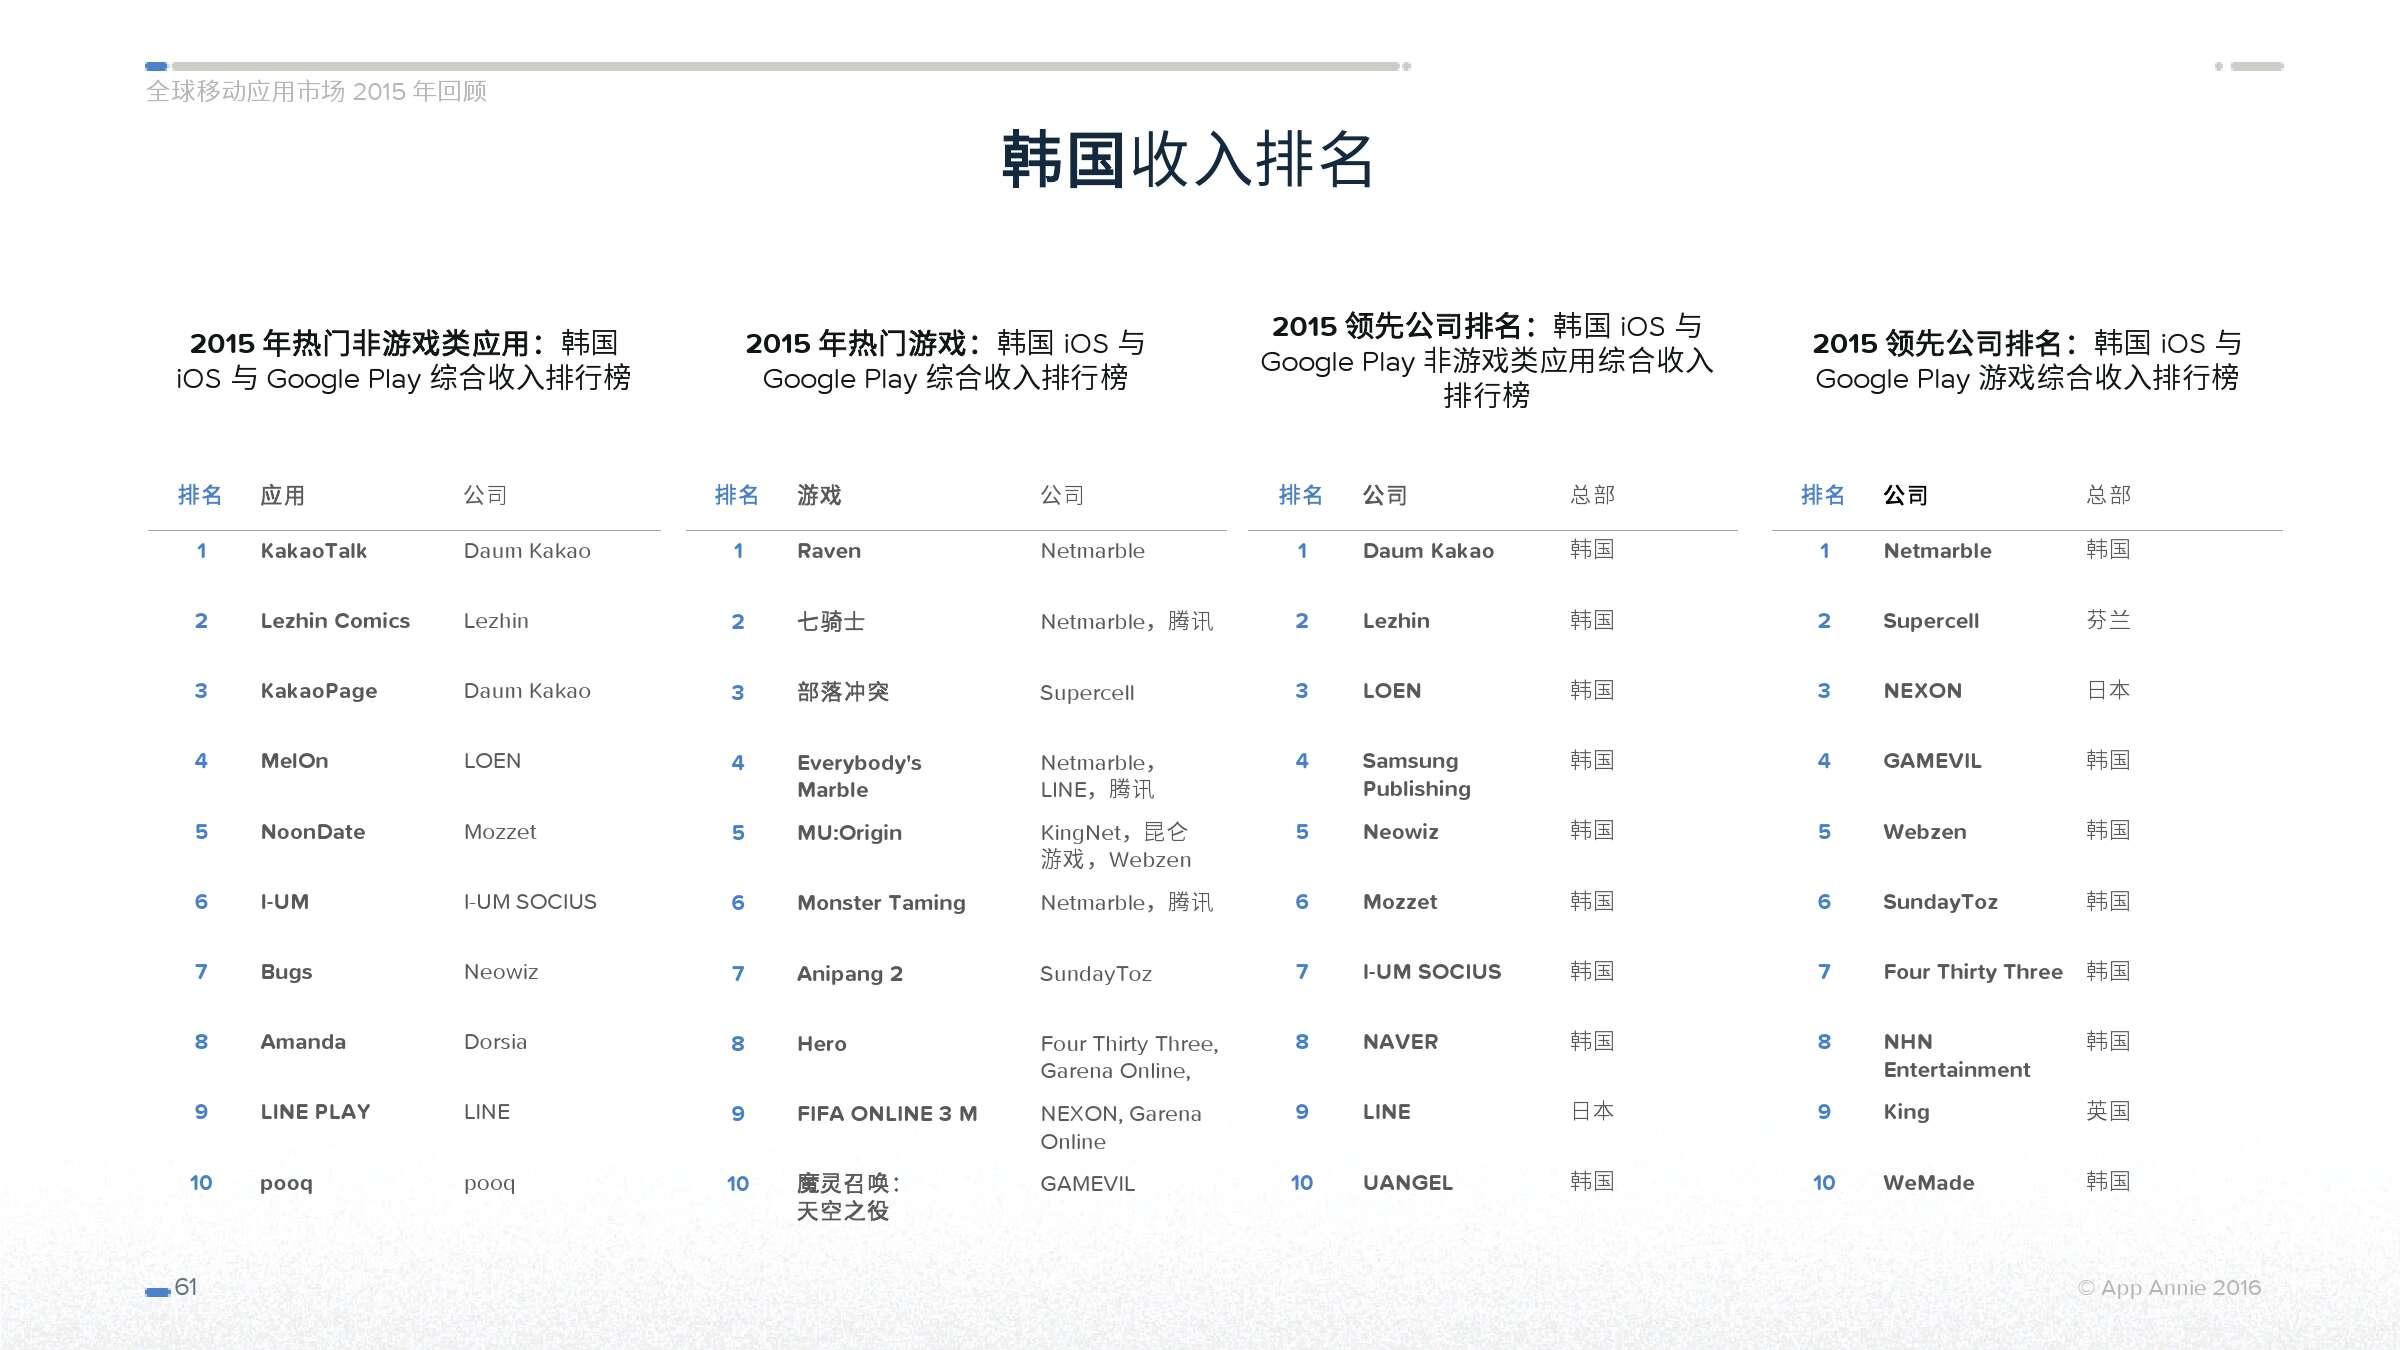 App Annie 全球移动应用市场 2015 年回顾_000061